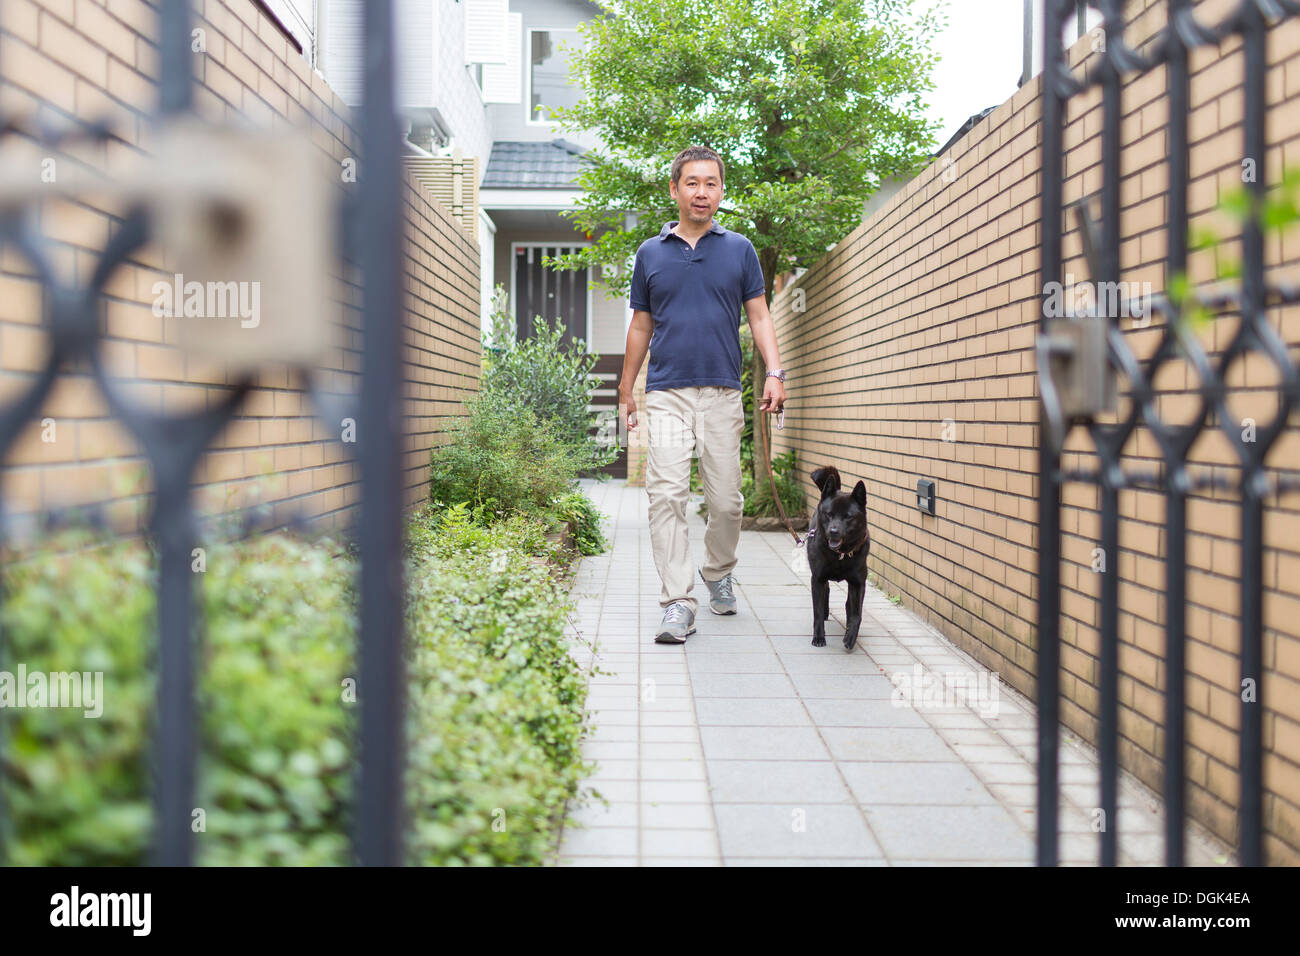 Man walking his pet dog - Stock Image